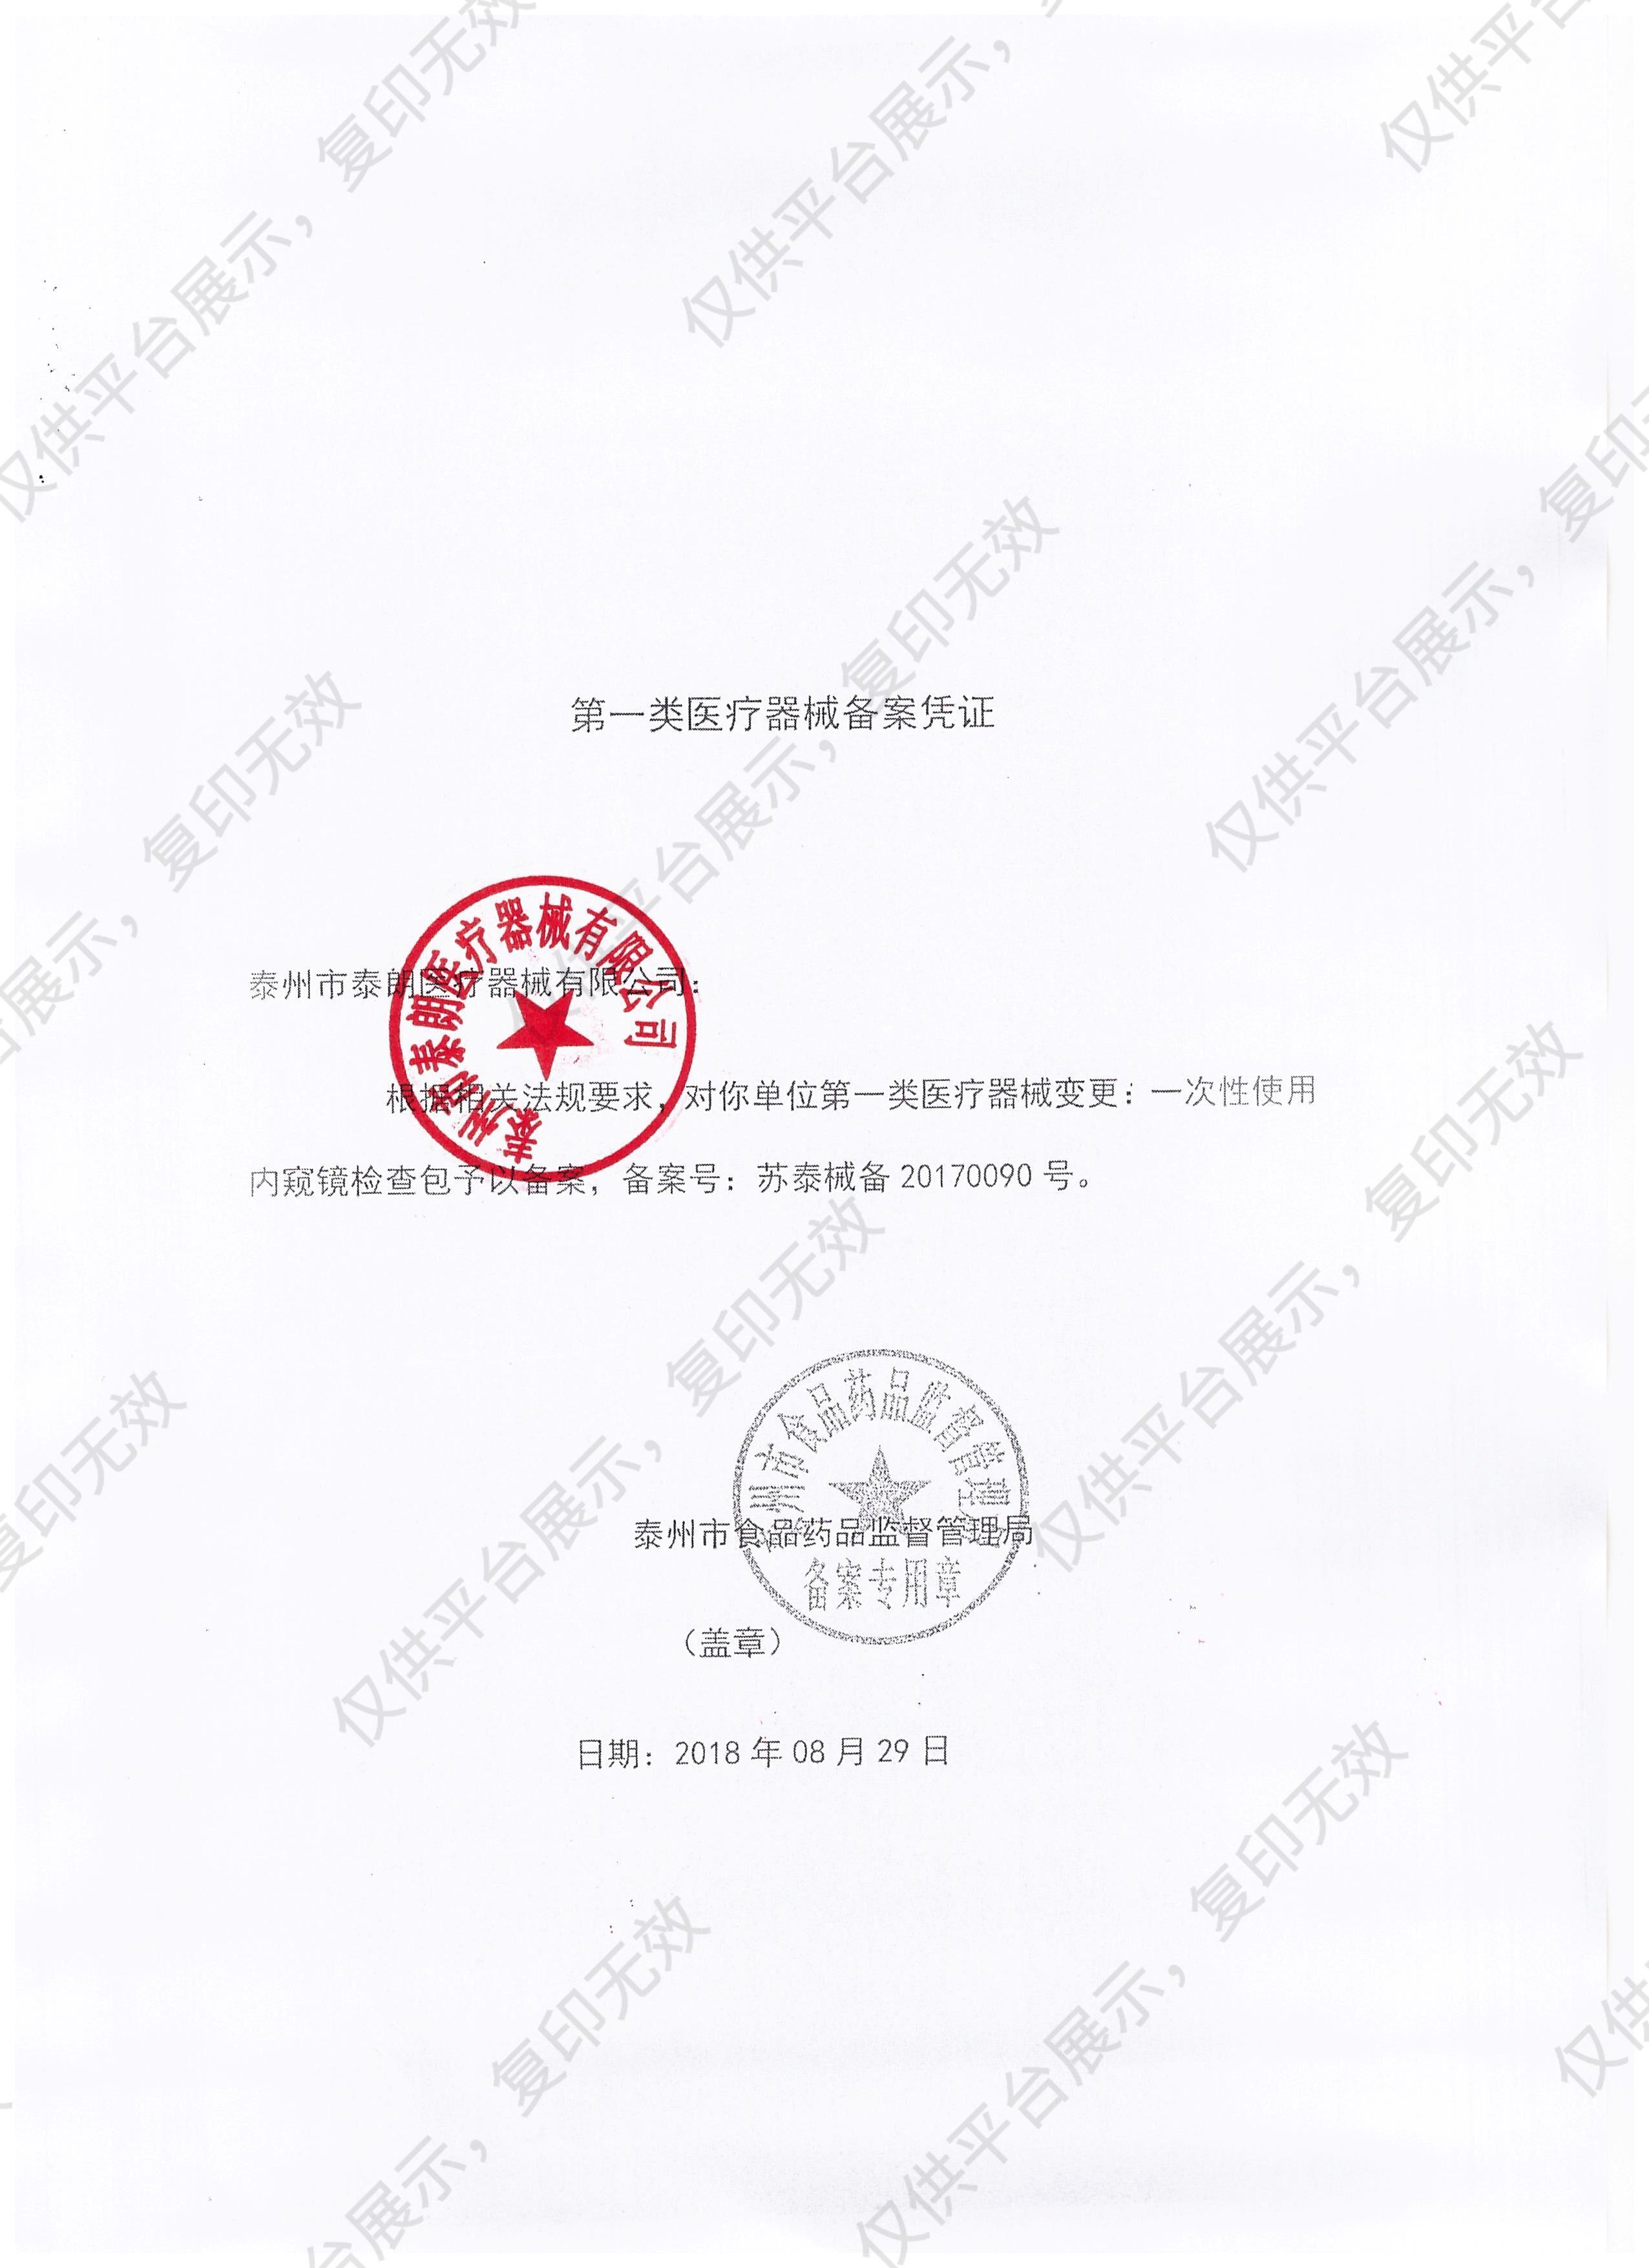 泰朗 一次性使用内窥镜检查包 长裤 (400条/箱)注册证